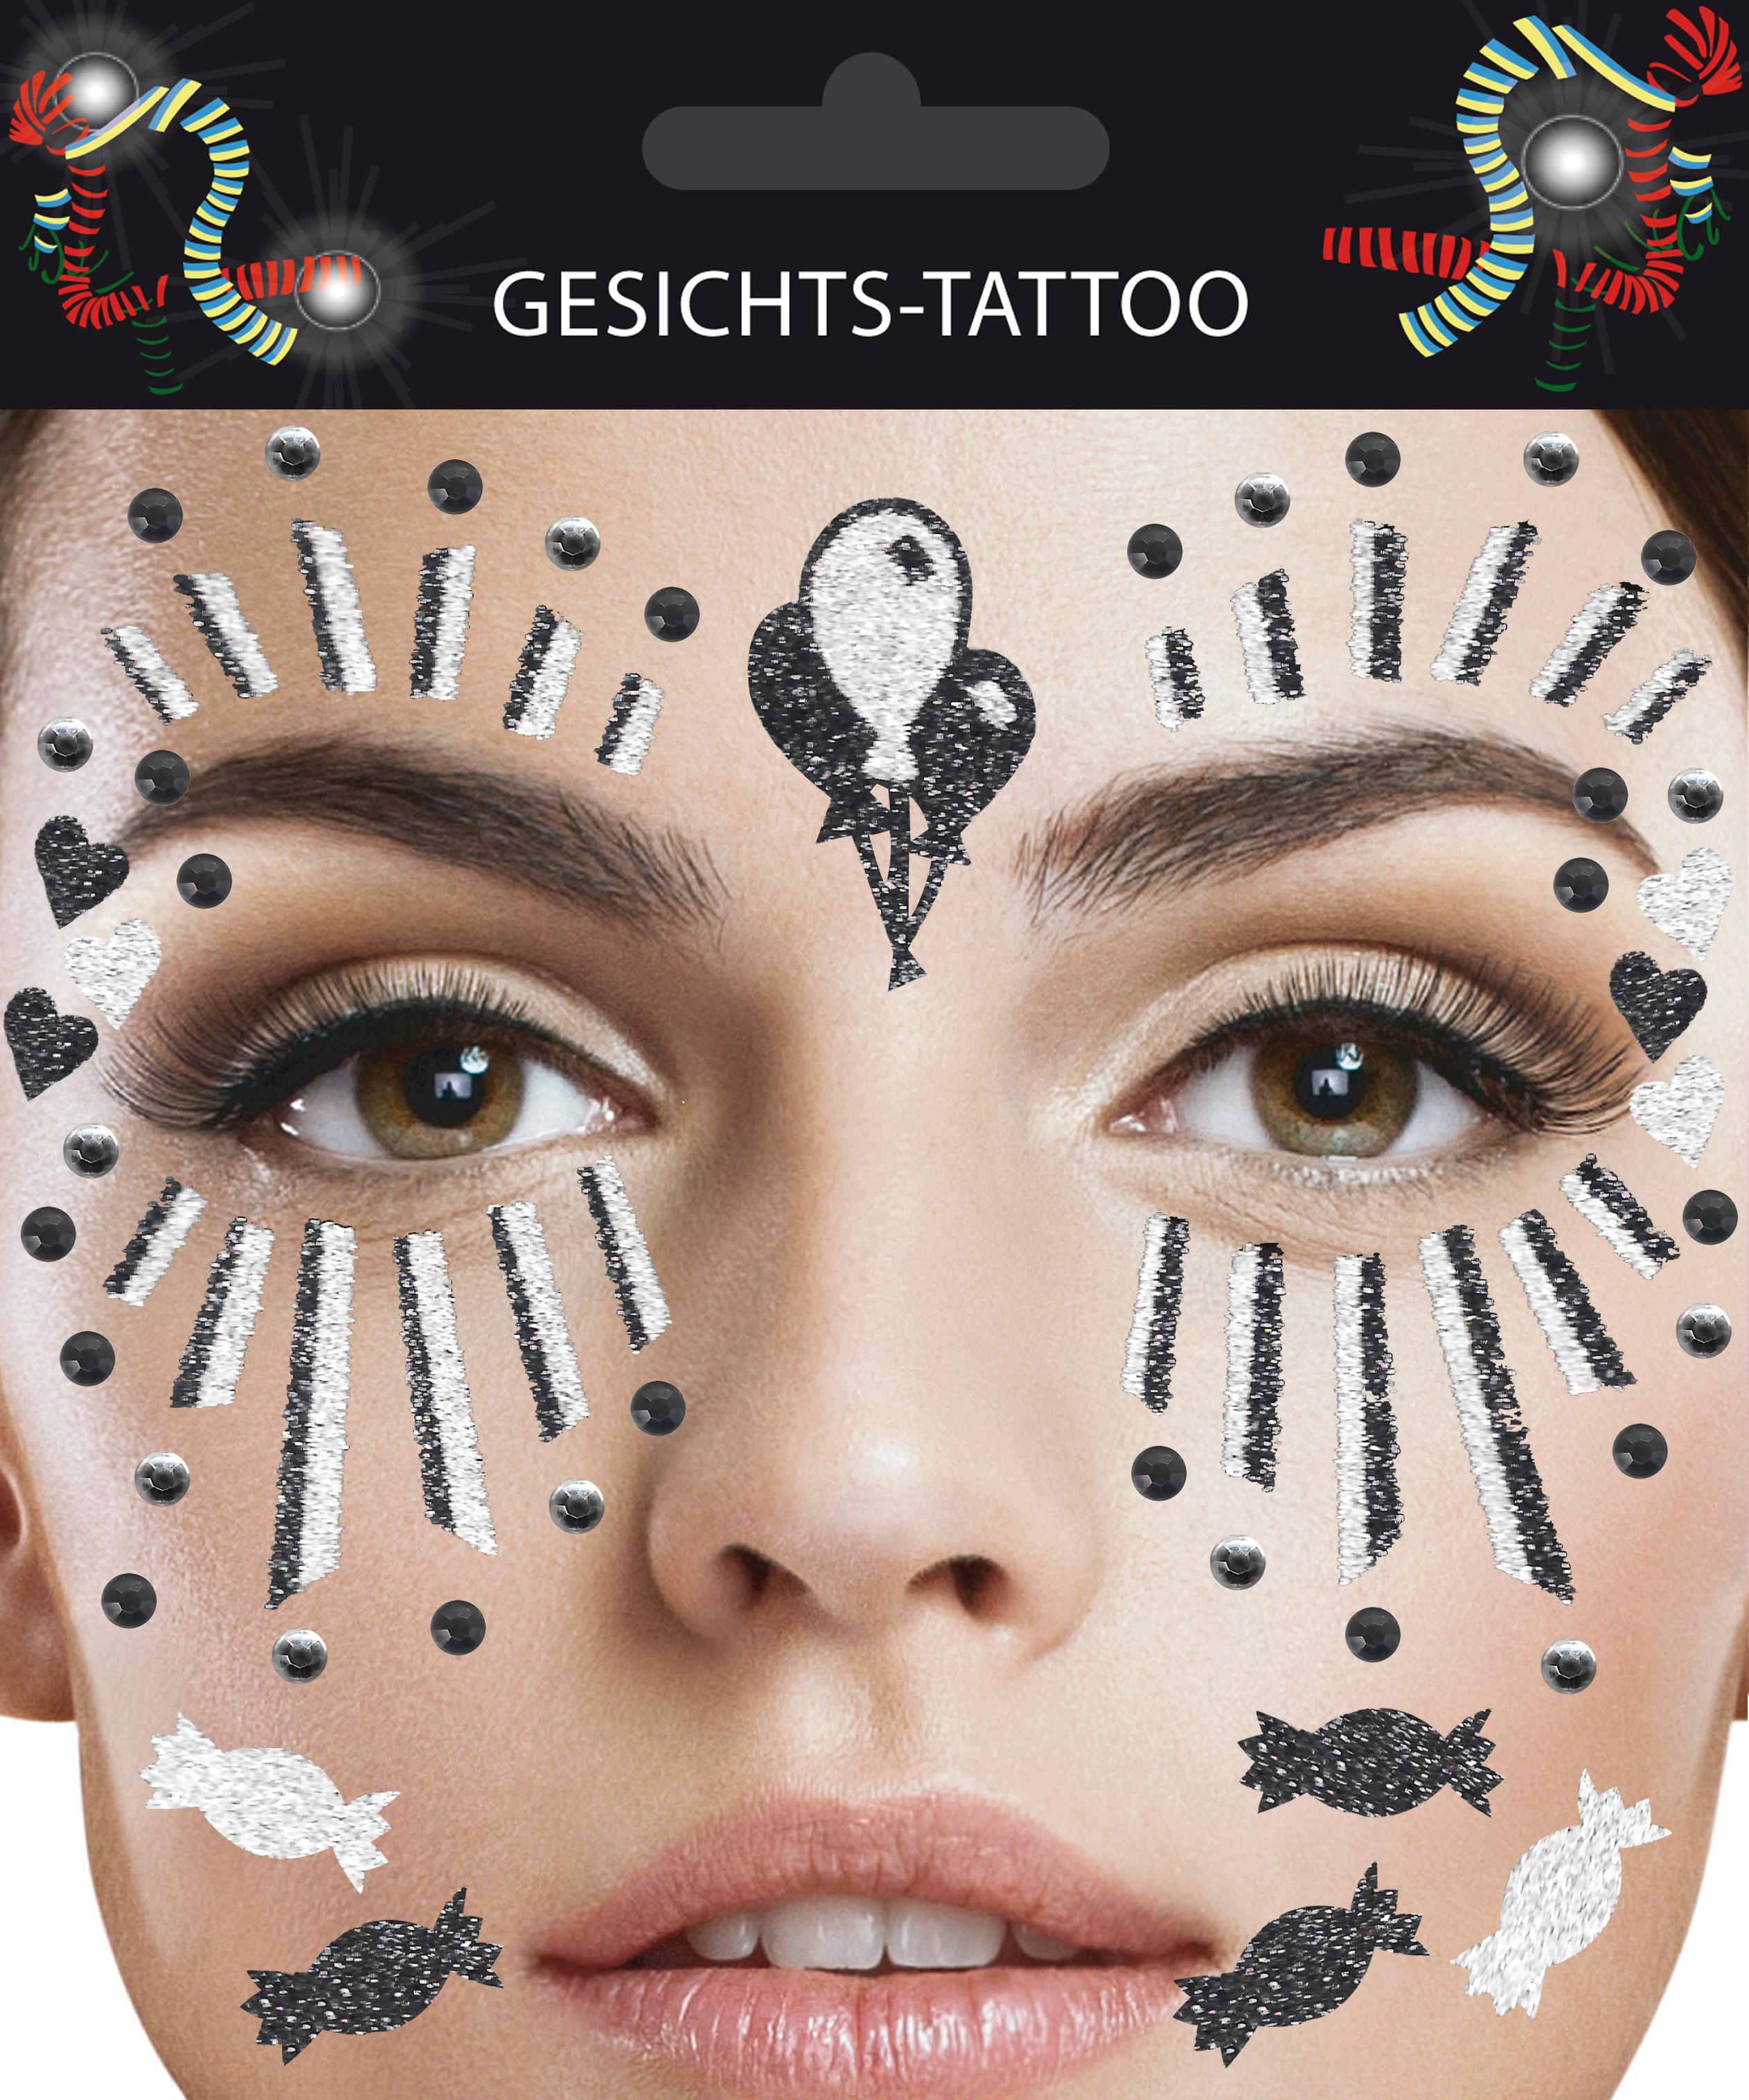 Gesichts-Tattoo Clown schwarz weiß